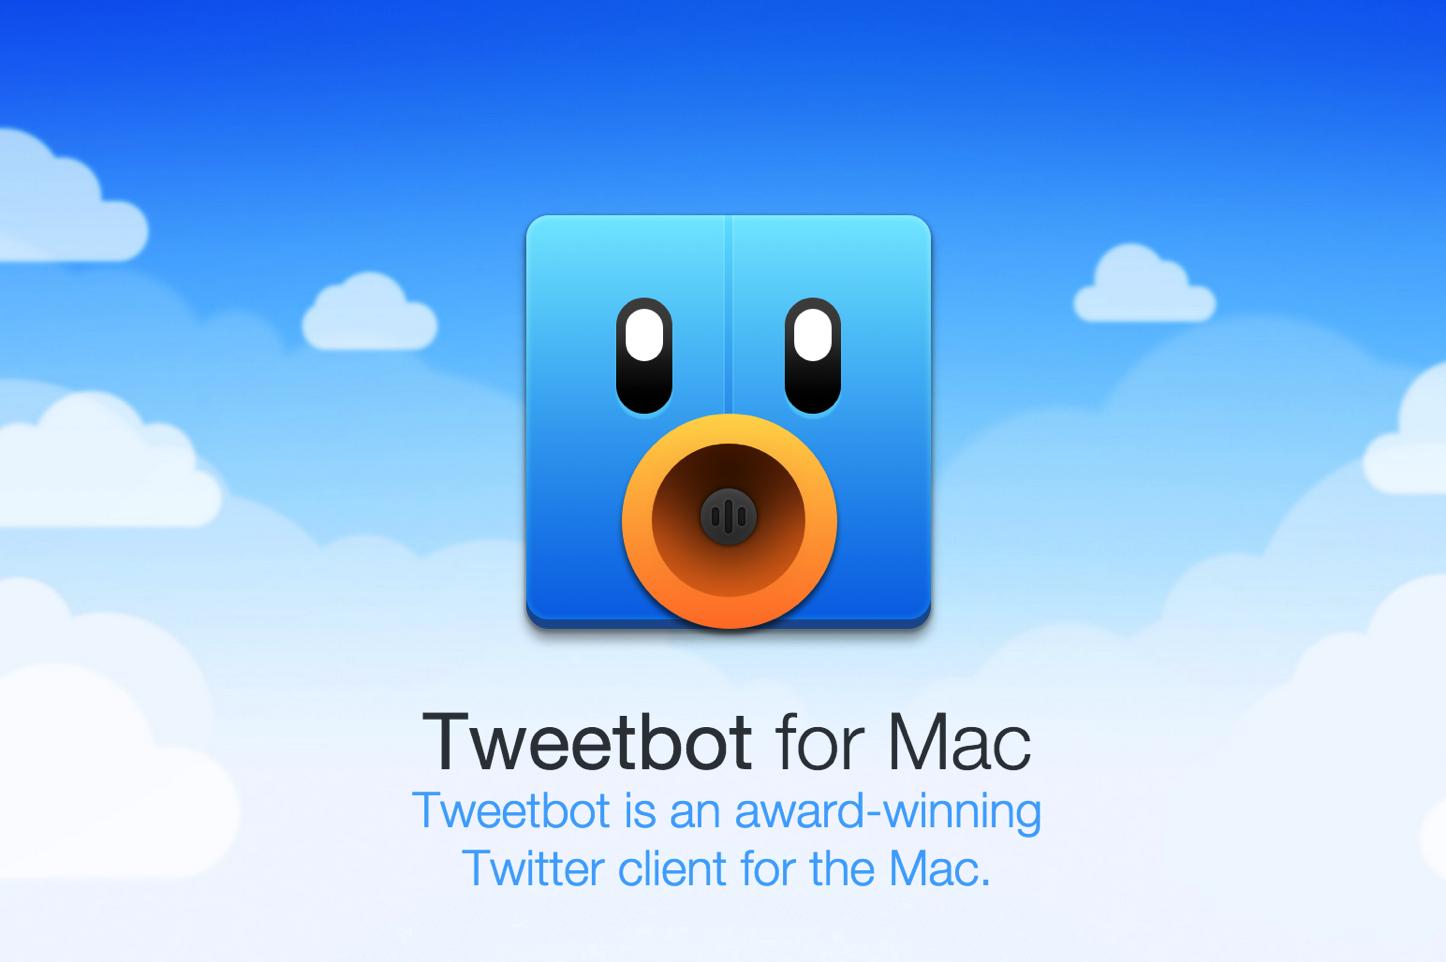 Tweetbot for Mac Renewal